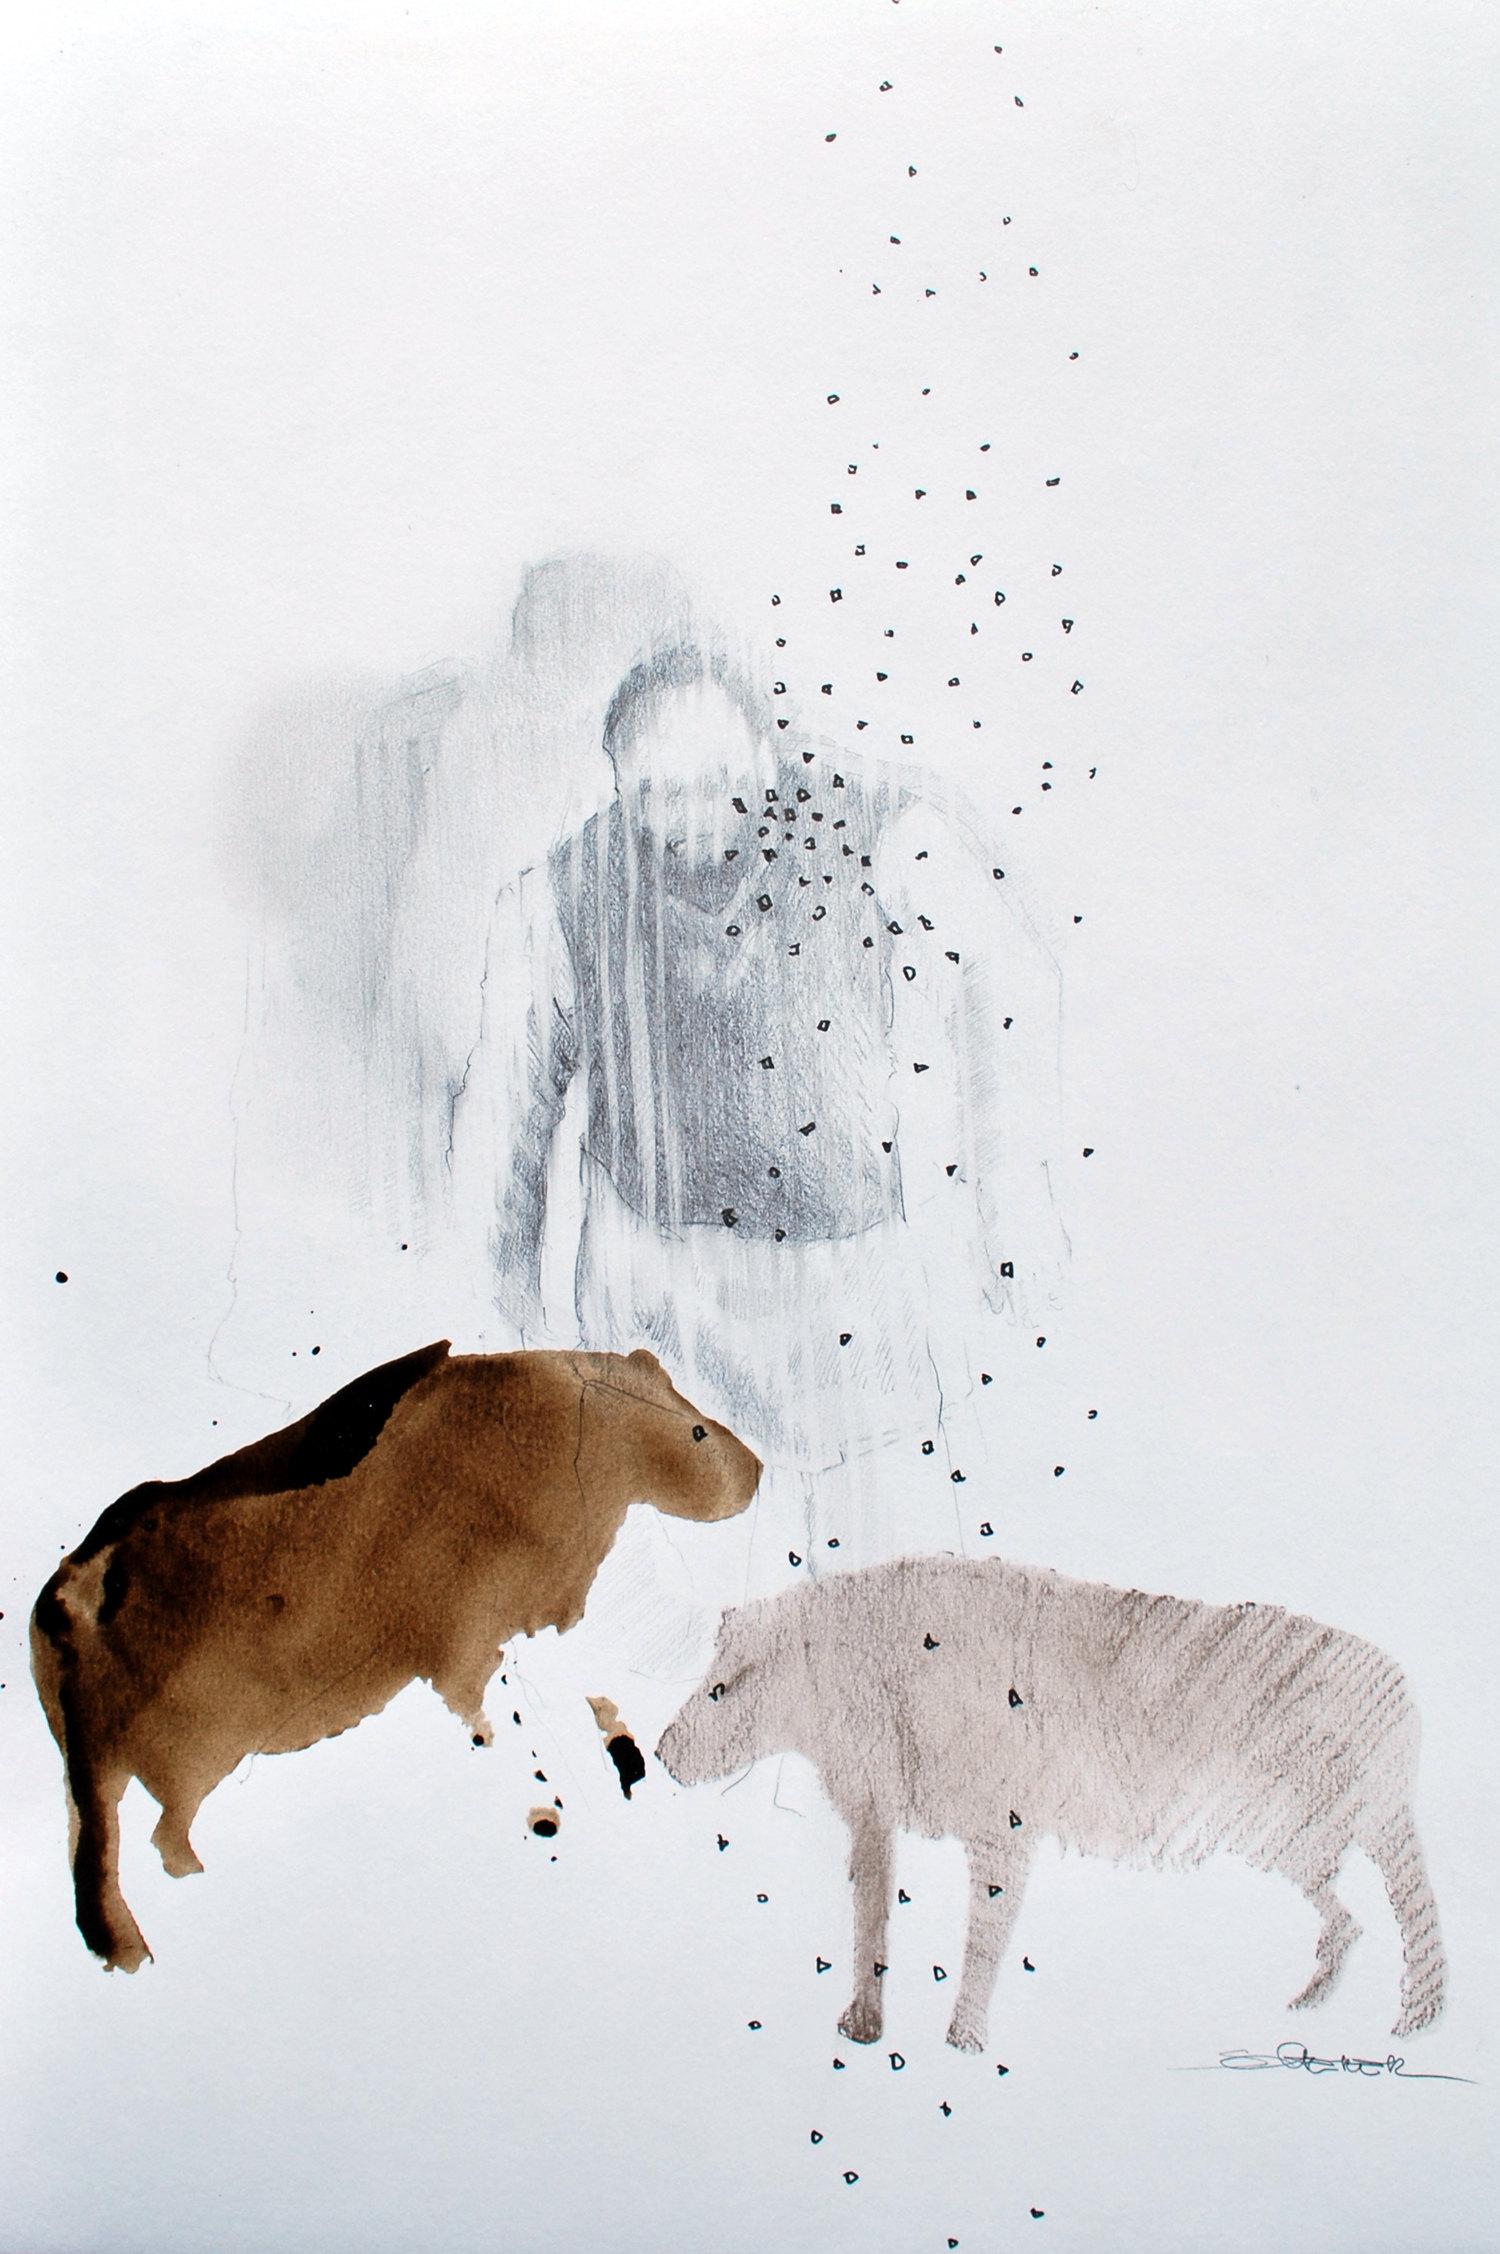 Série Hyènes, crayon et encre sur papier@(29.7 x 42 cm)